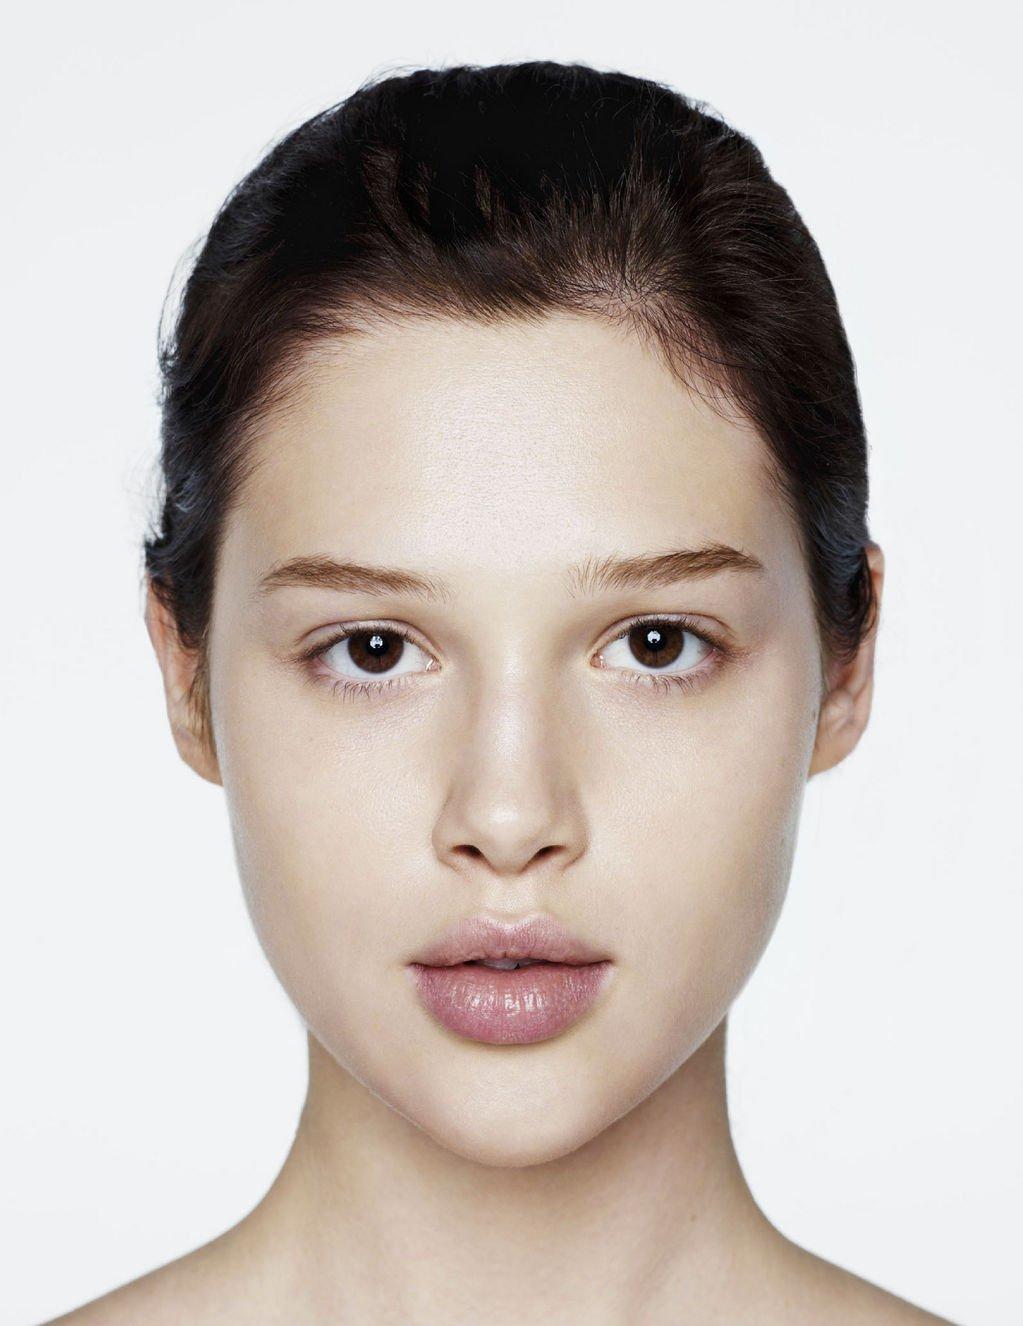 Открытка добрым, картинки женского лица без макияжа